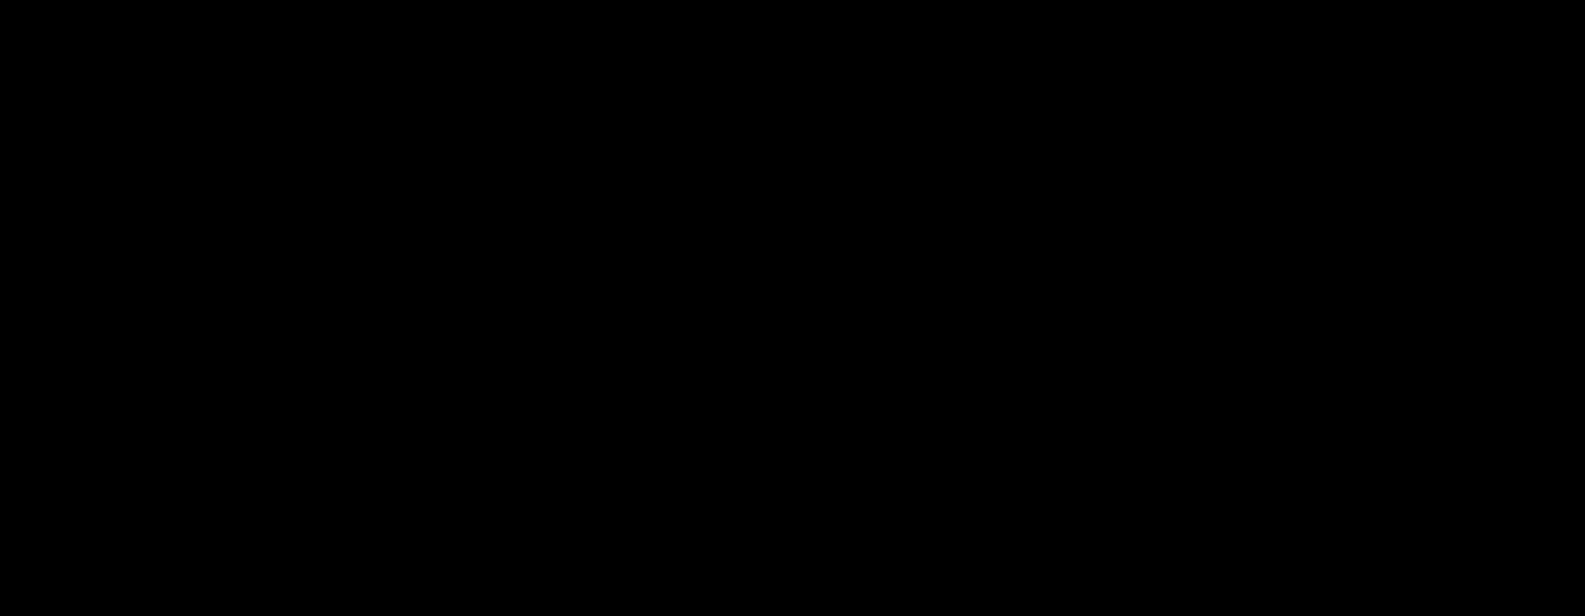 (5E)-Calcipotriene-d<sub>4</sub>